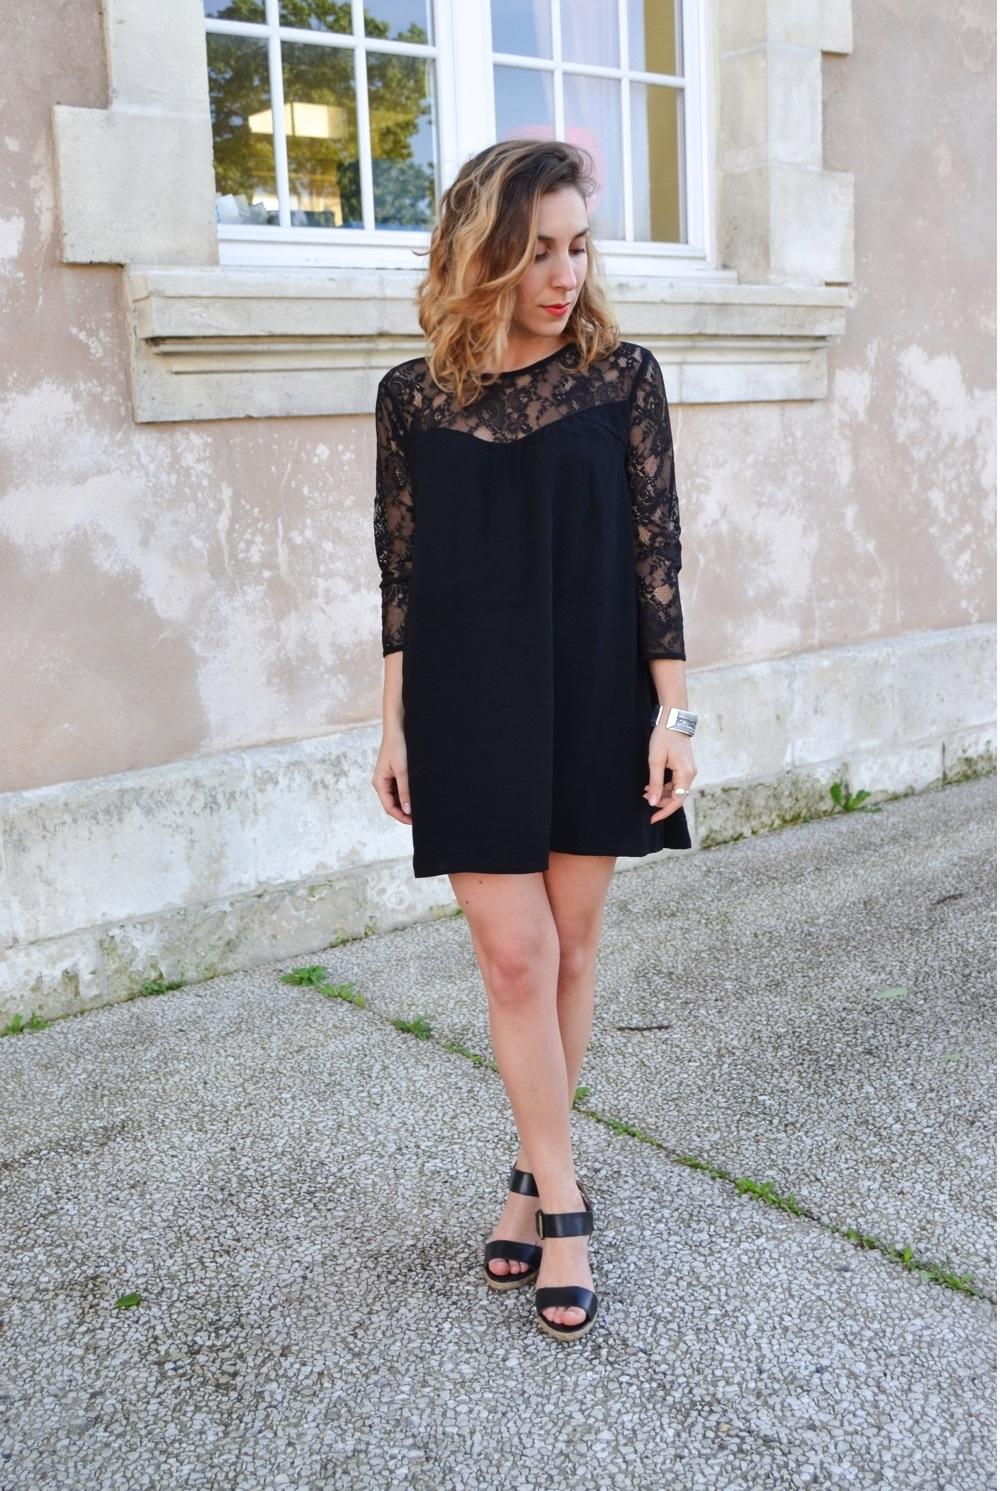 Robe noire sheinside 5